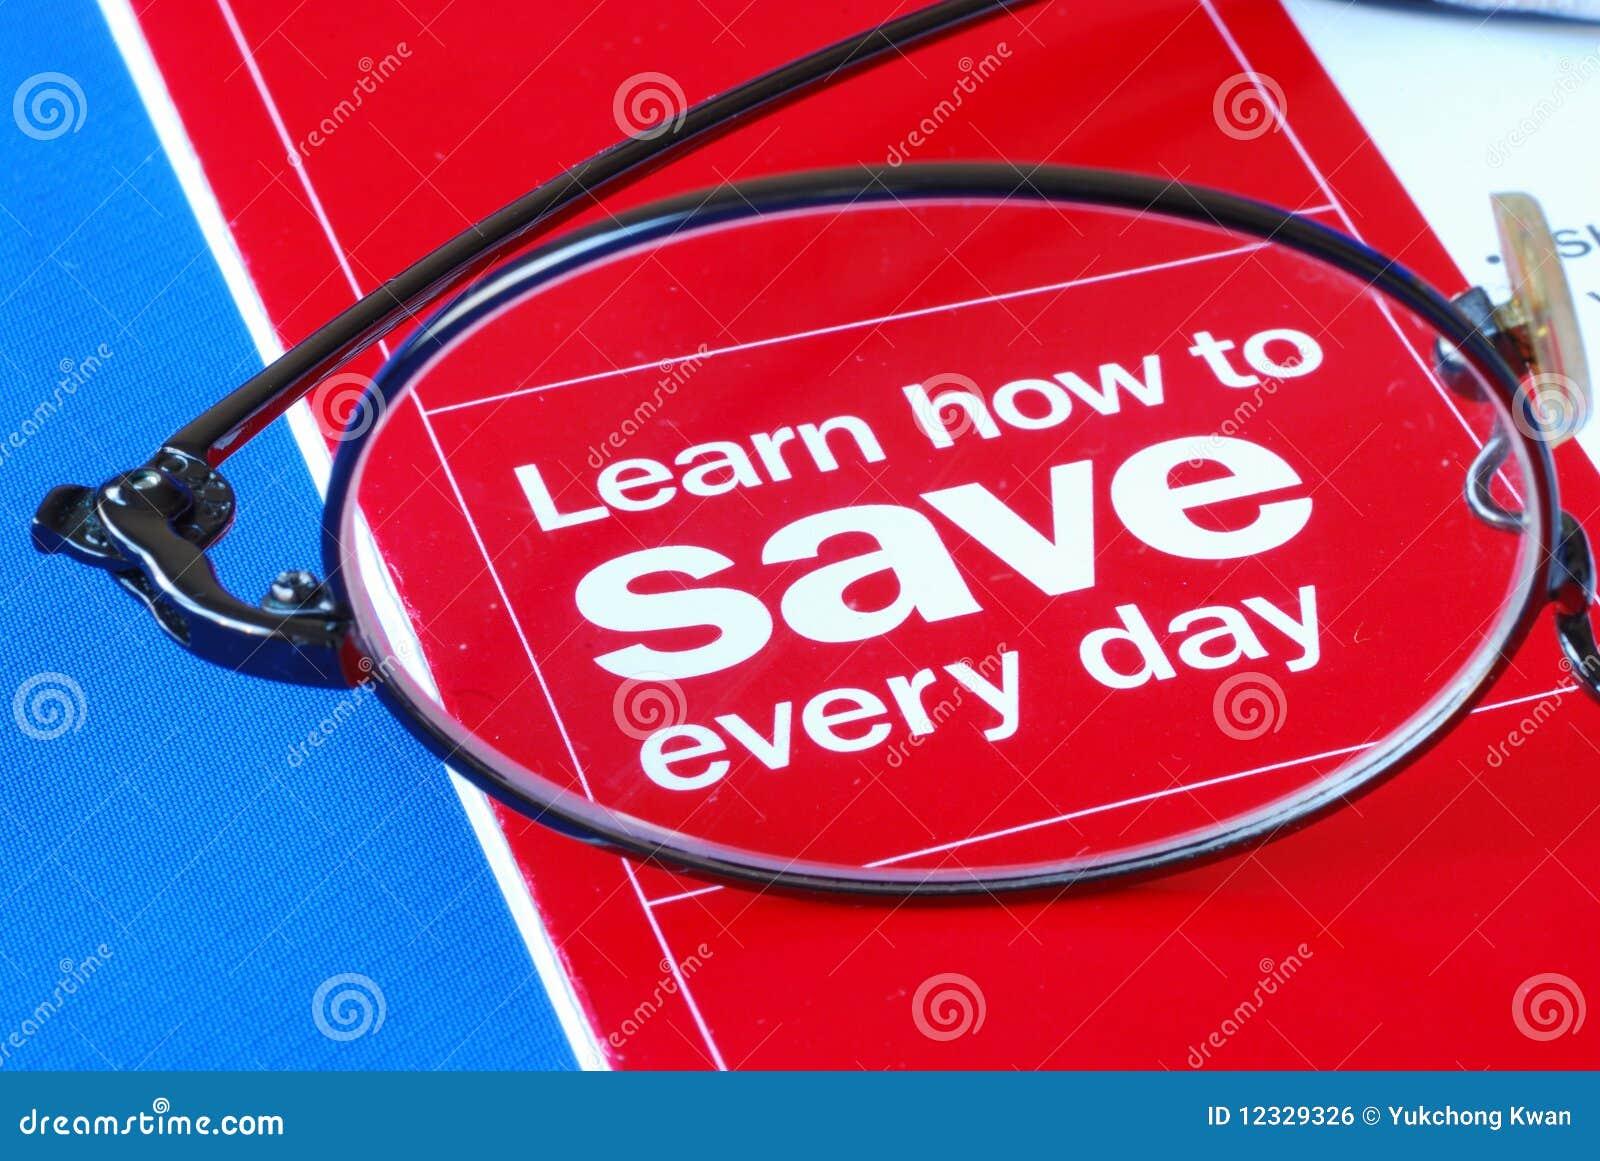 Concentrez sur apprendre comment épargner l argent journalier